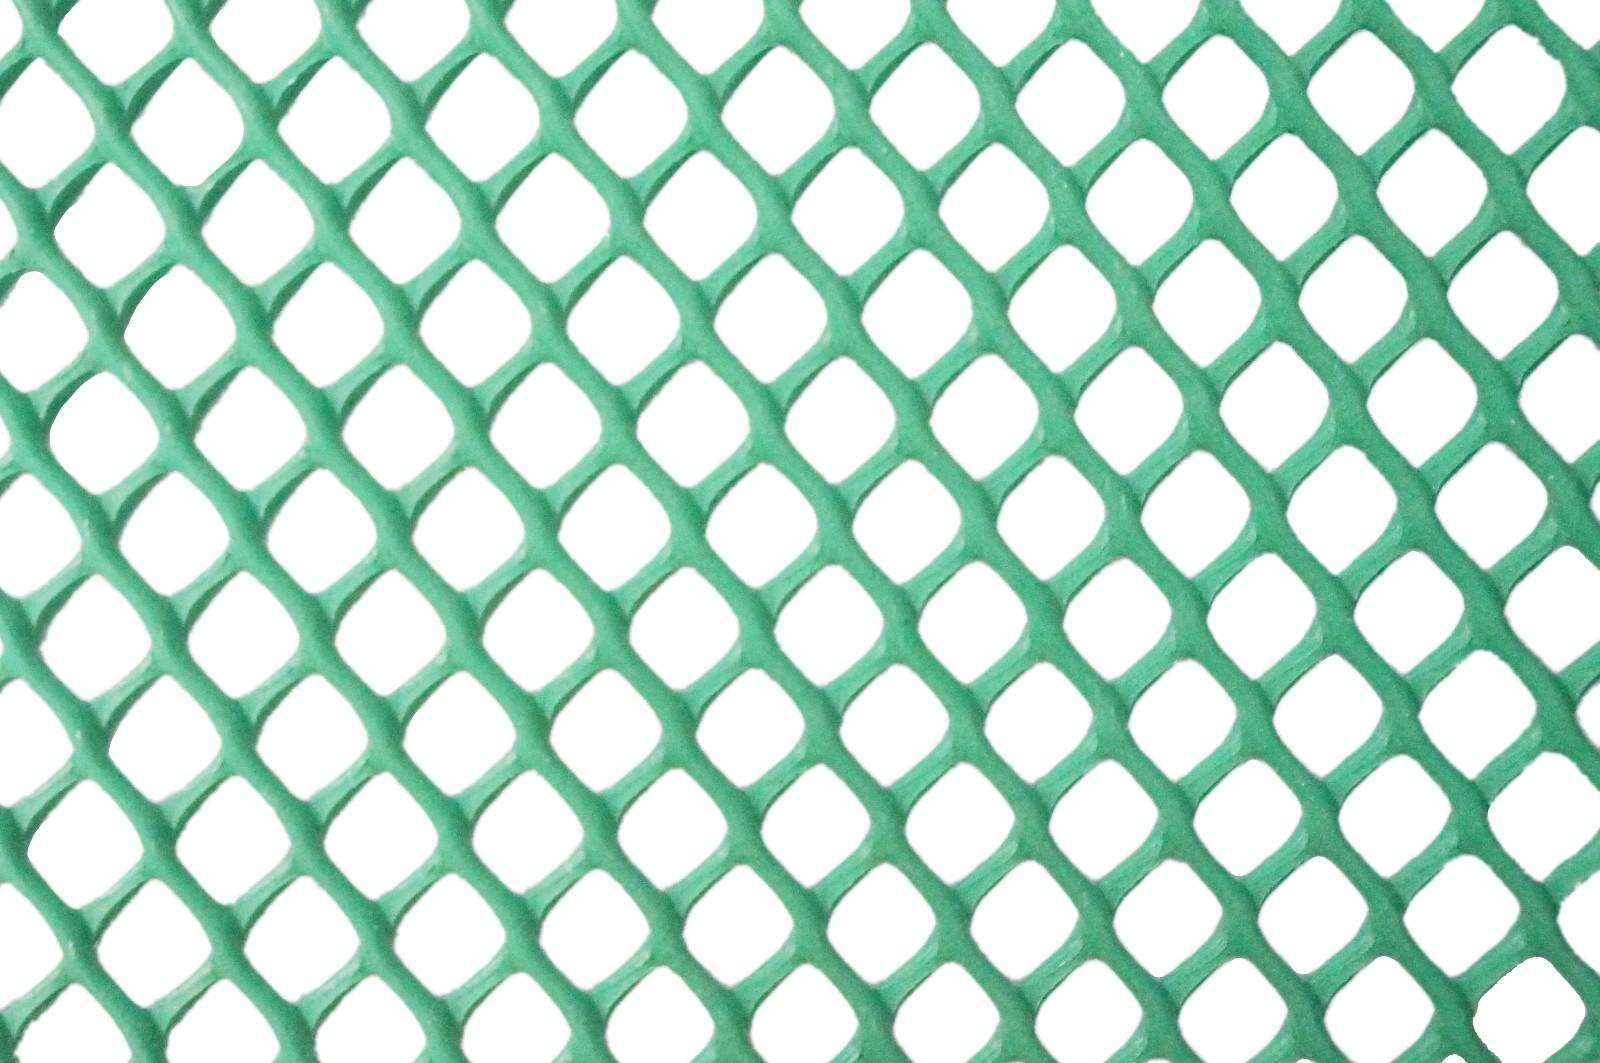 华通草绿塑料平网|塑料网系列-四会市华通金属筛网制品有限公司